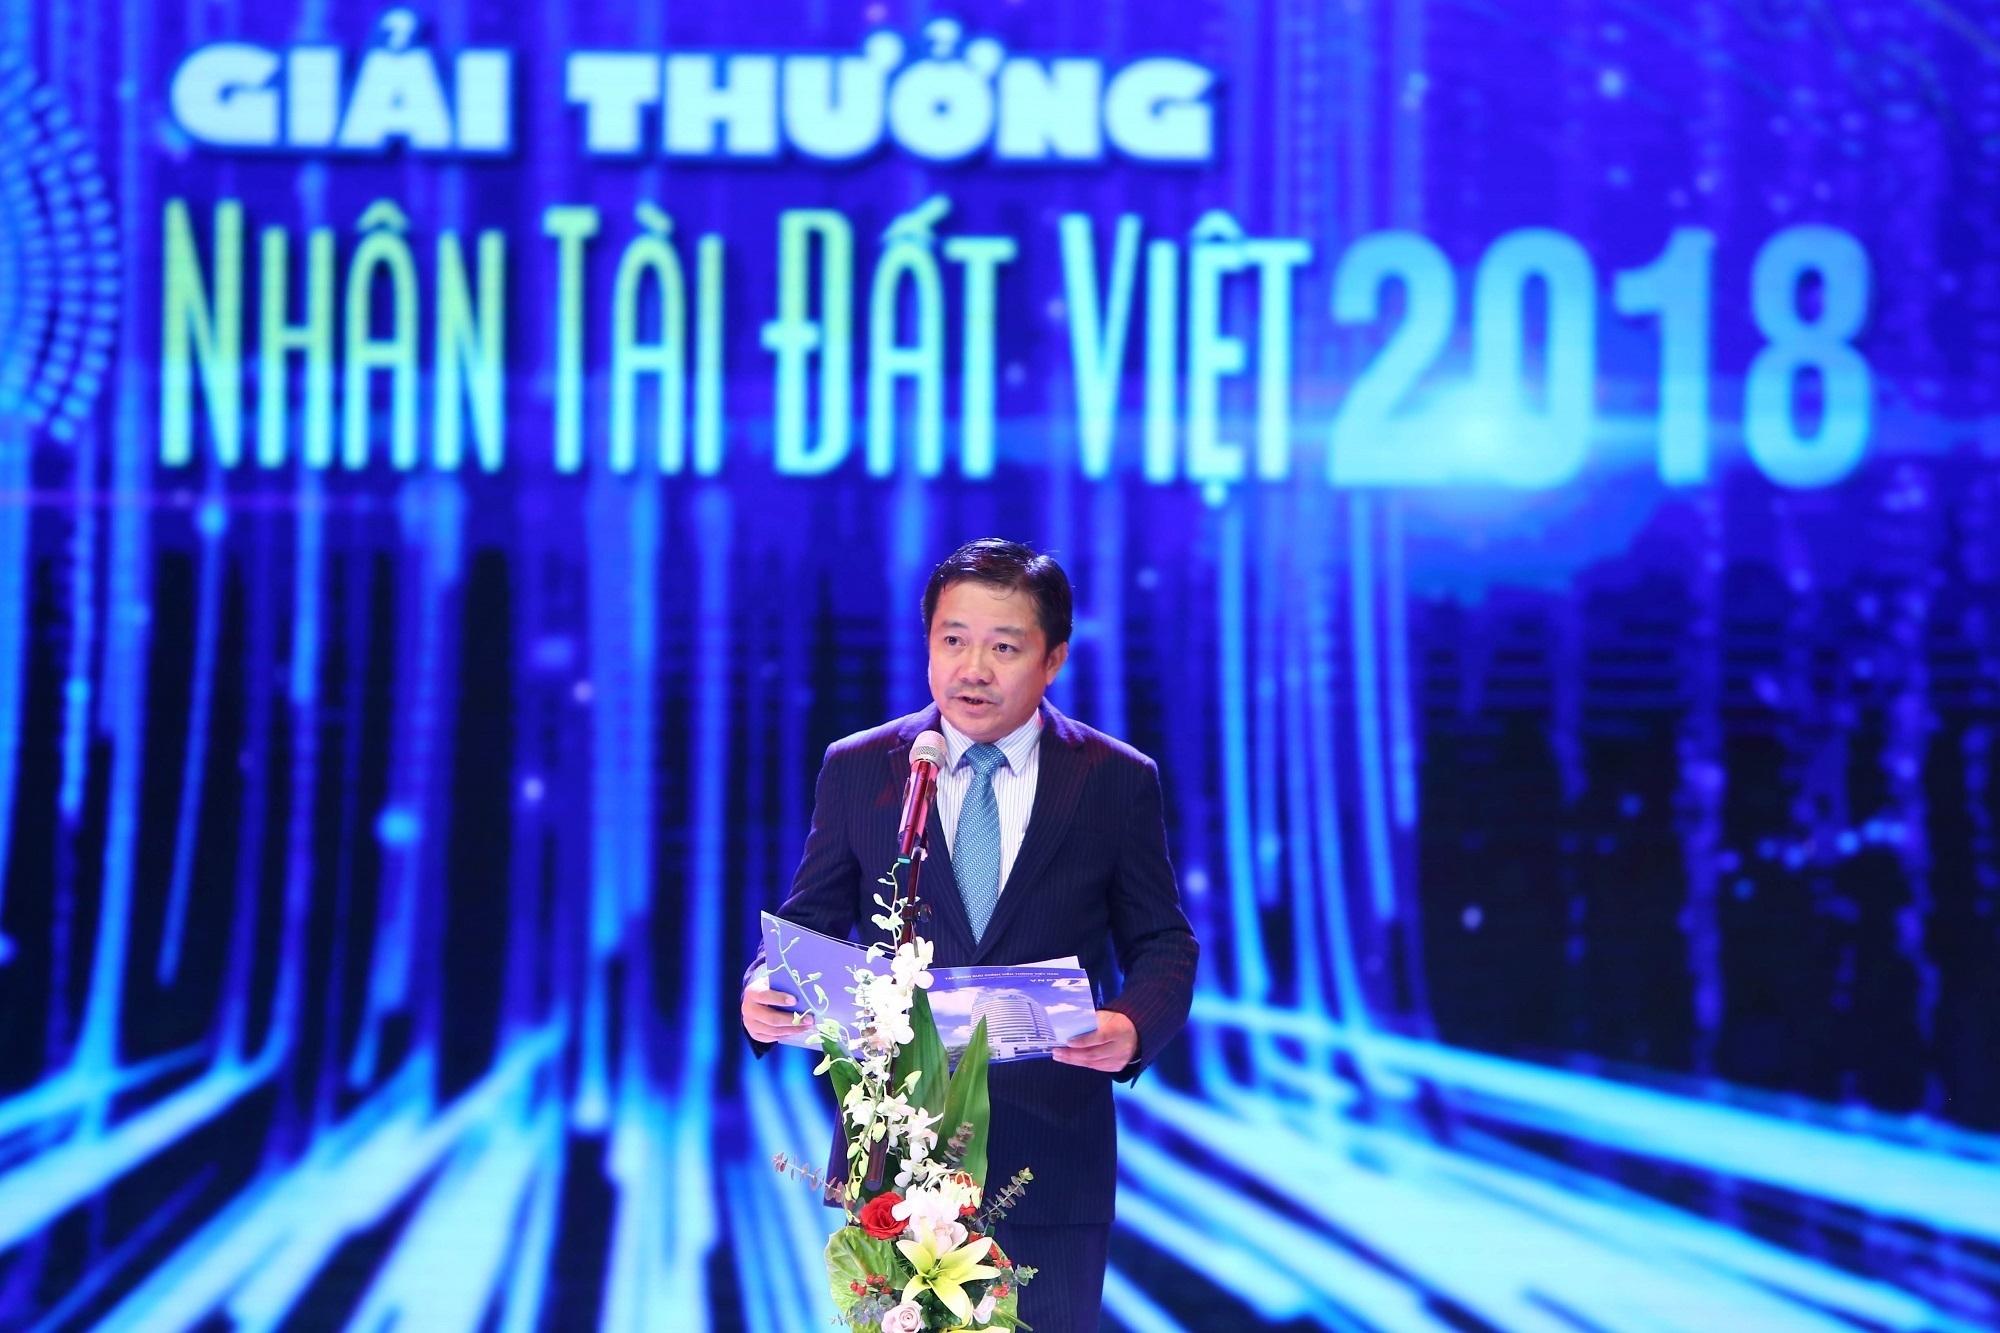 Giải thưởng Nhân tài Đất Việt luôn mở rộng cơ hội với mọi đối tượng trong xã hội - 5